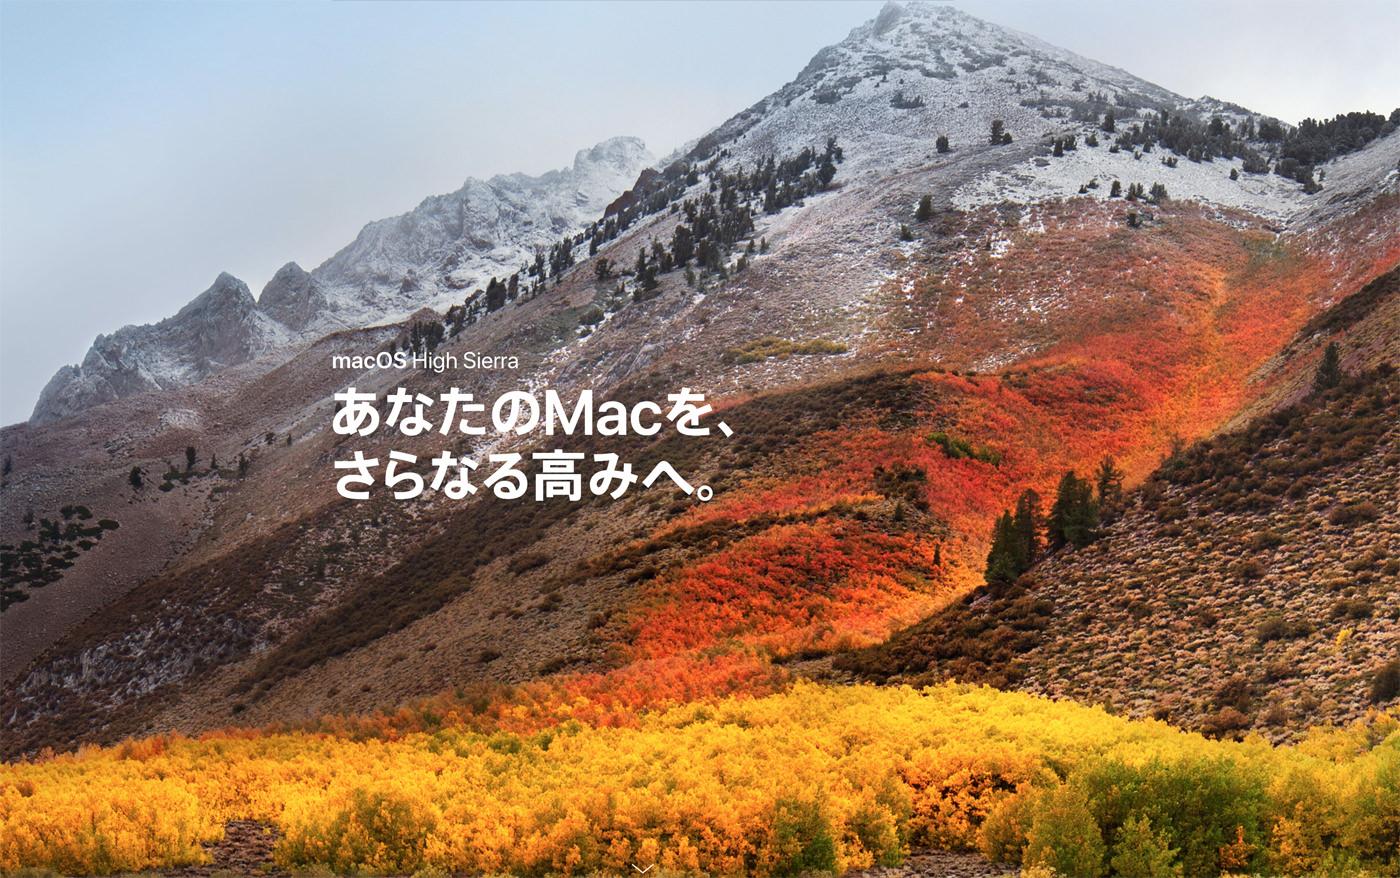 [Mac]新型MacBook Pro を「macOS High Sierra」にアップデートしたよ。iMac 5K Retinaディスプレイモデルでは手こずりました